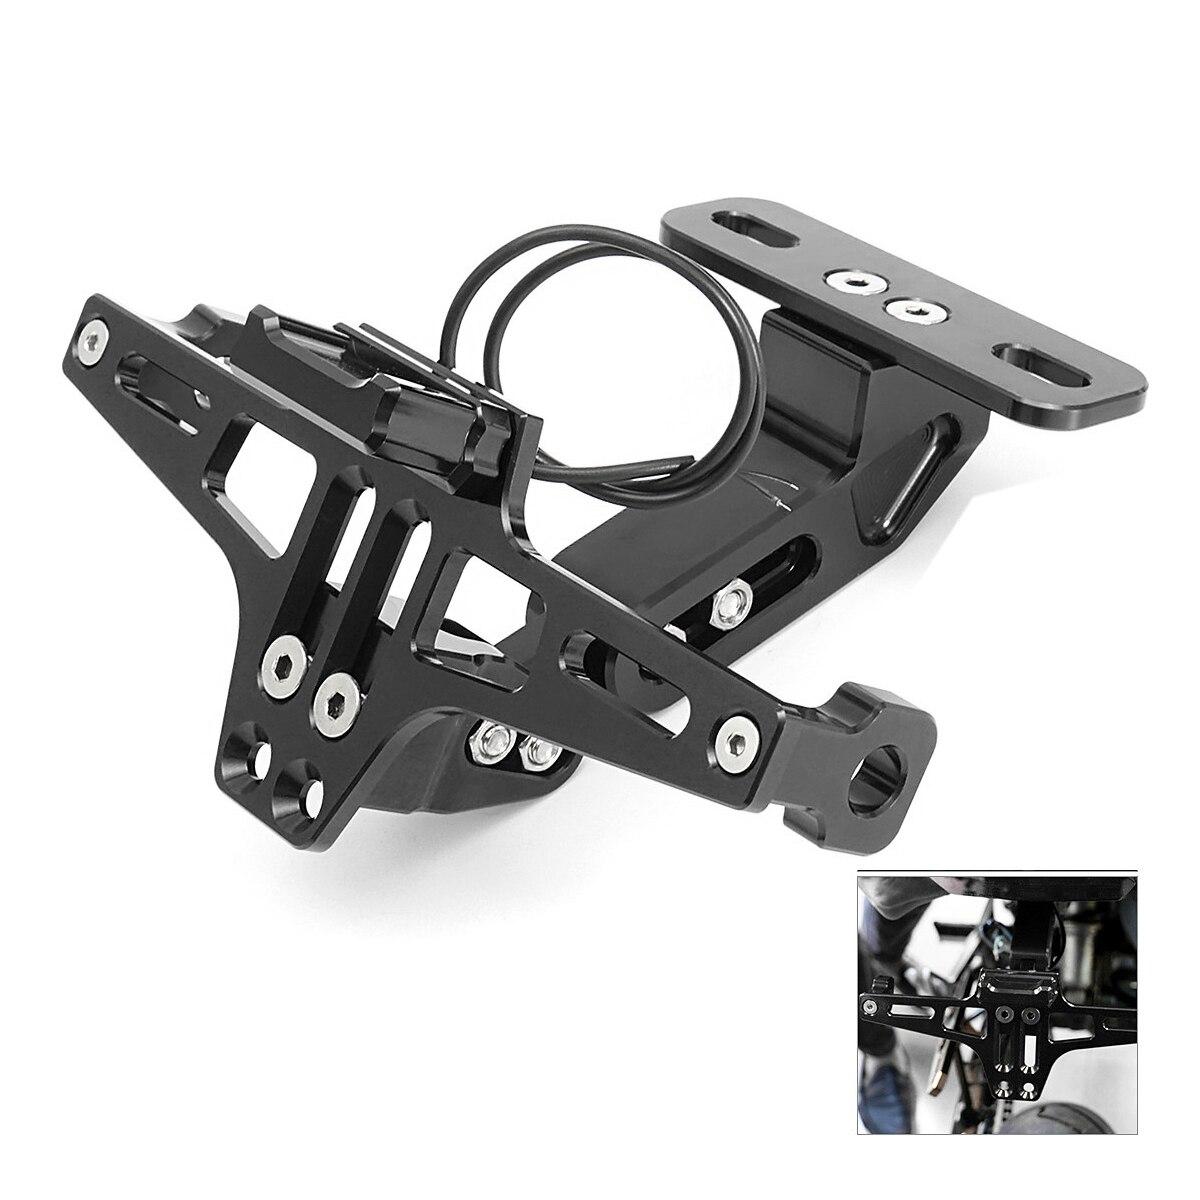 CNC cadre moto permis porte-plaque d'immatriculation support avec lumière LED réglable pour Yamaha Bws R25 R3 Mt03 Msx